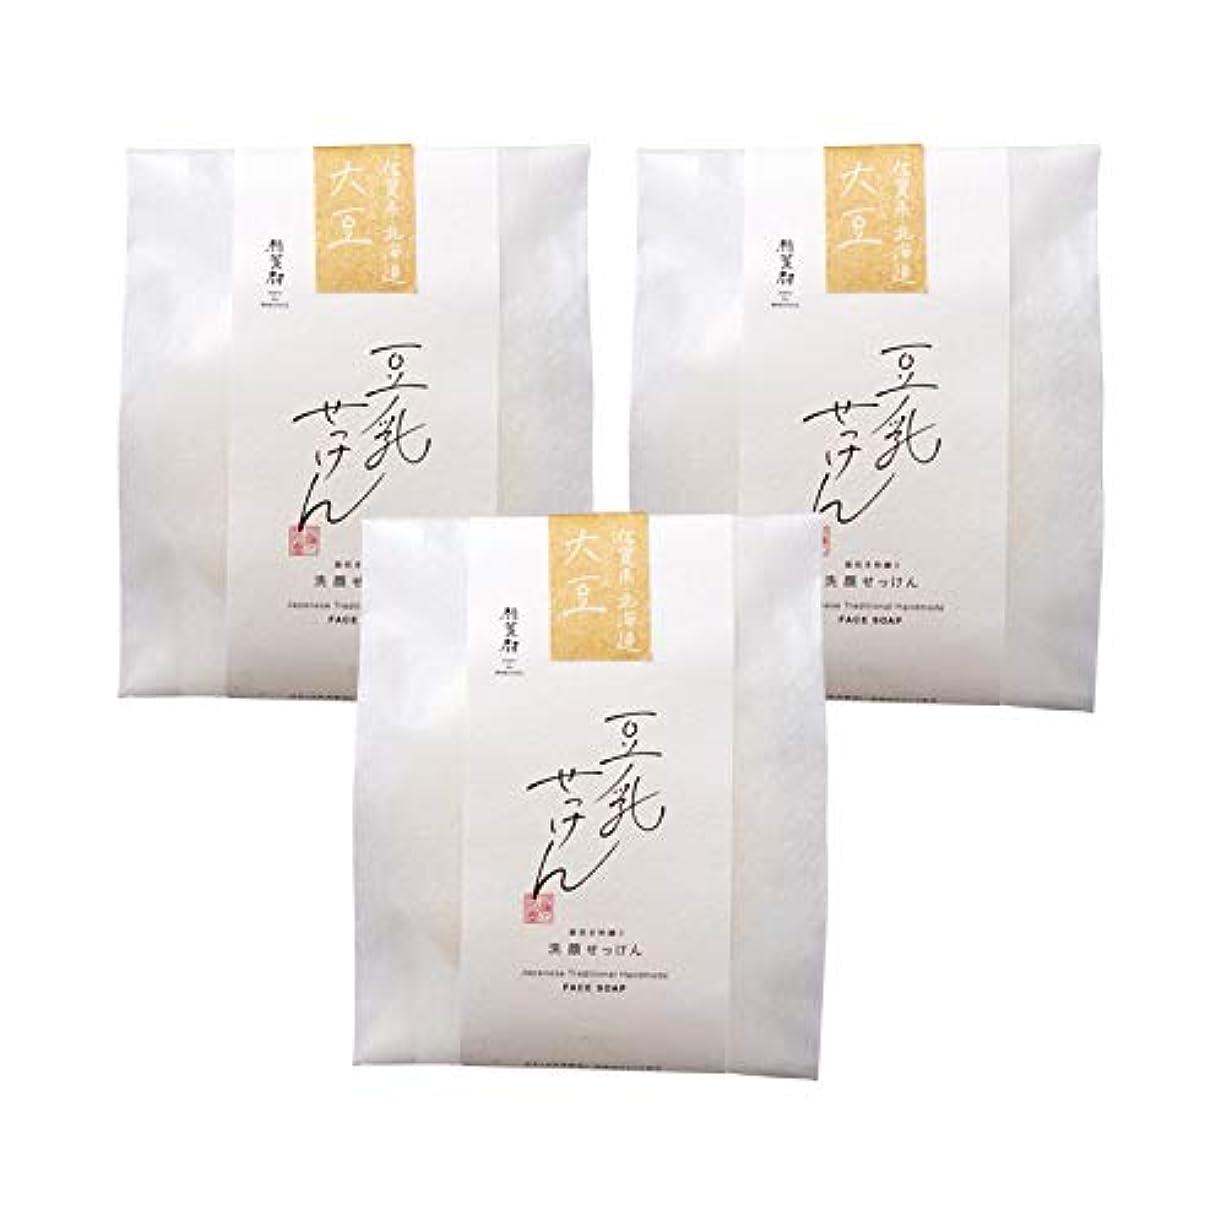 ショッキング挑む禁じる豆腐の盛田屋 豆乳せっけん 自然生活 100g×3個セット